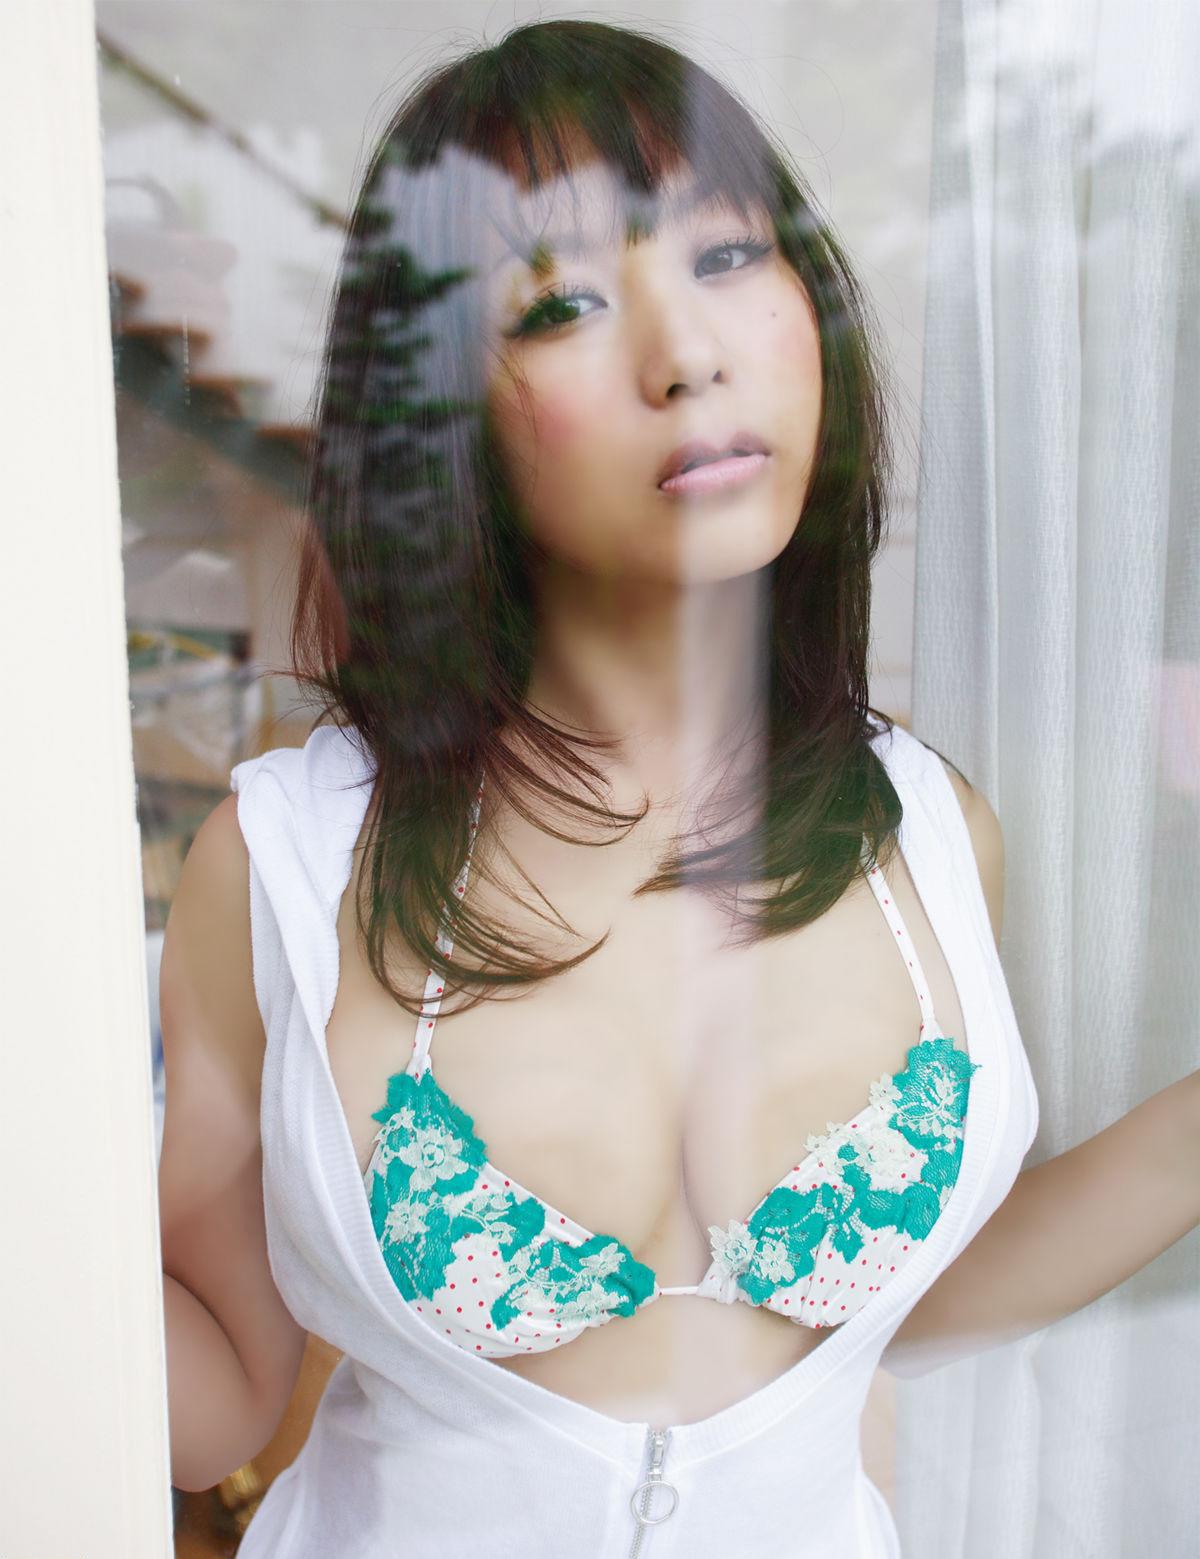 西田麻衣 画像 高画質 87